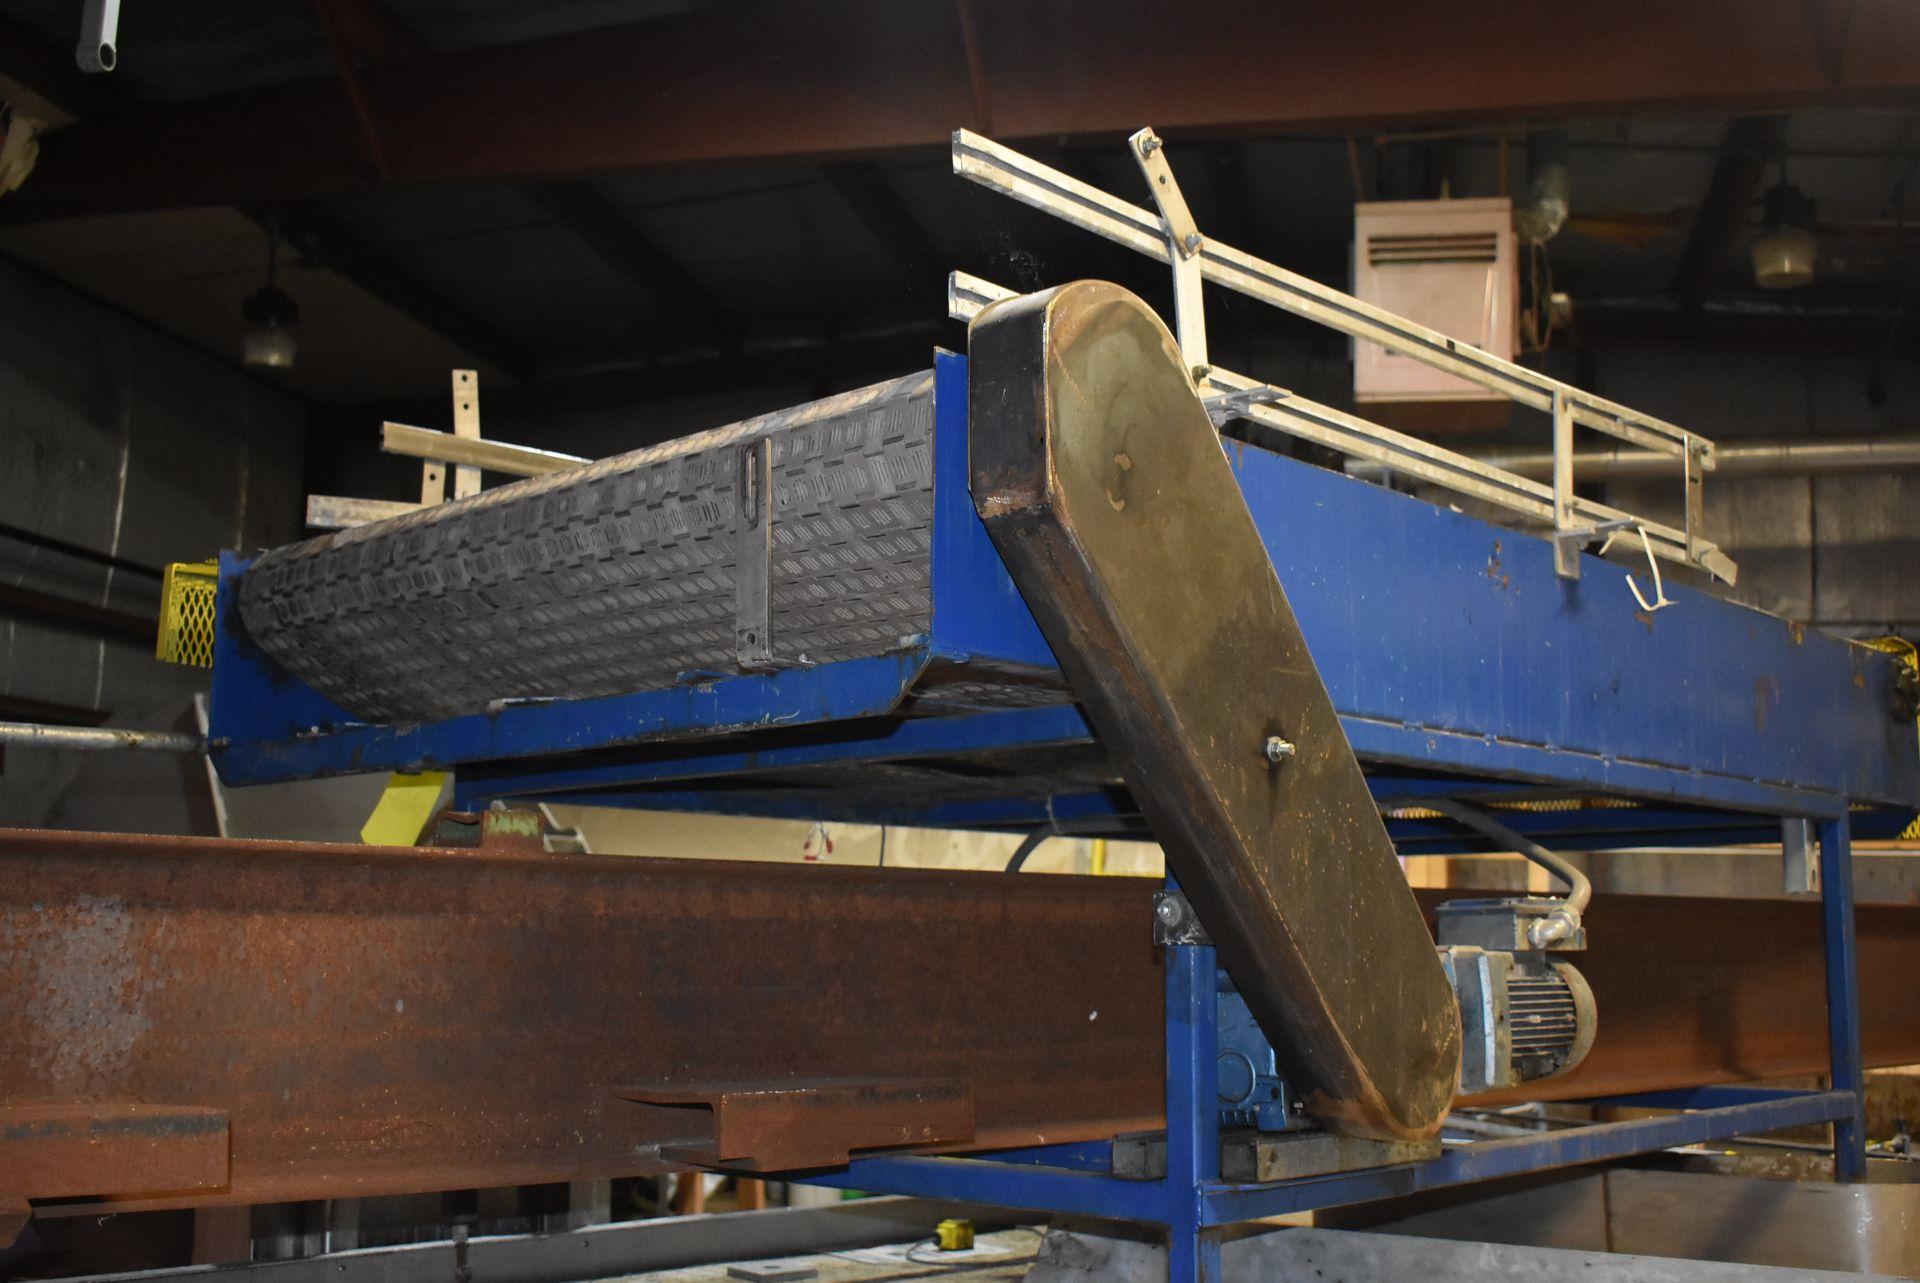 Impass Motorized Belt Conveyor, 8' x 4' - Image 2 of 2